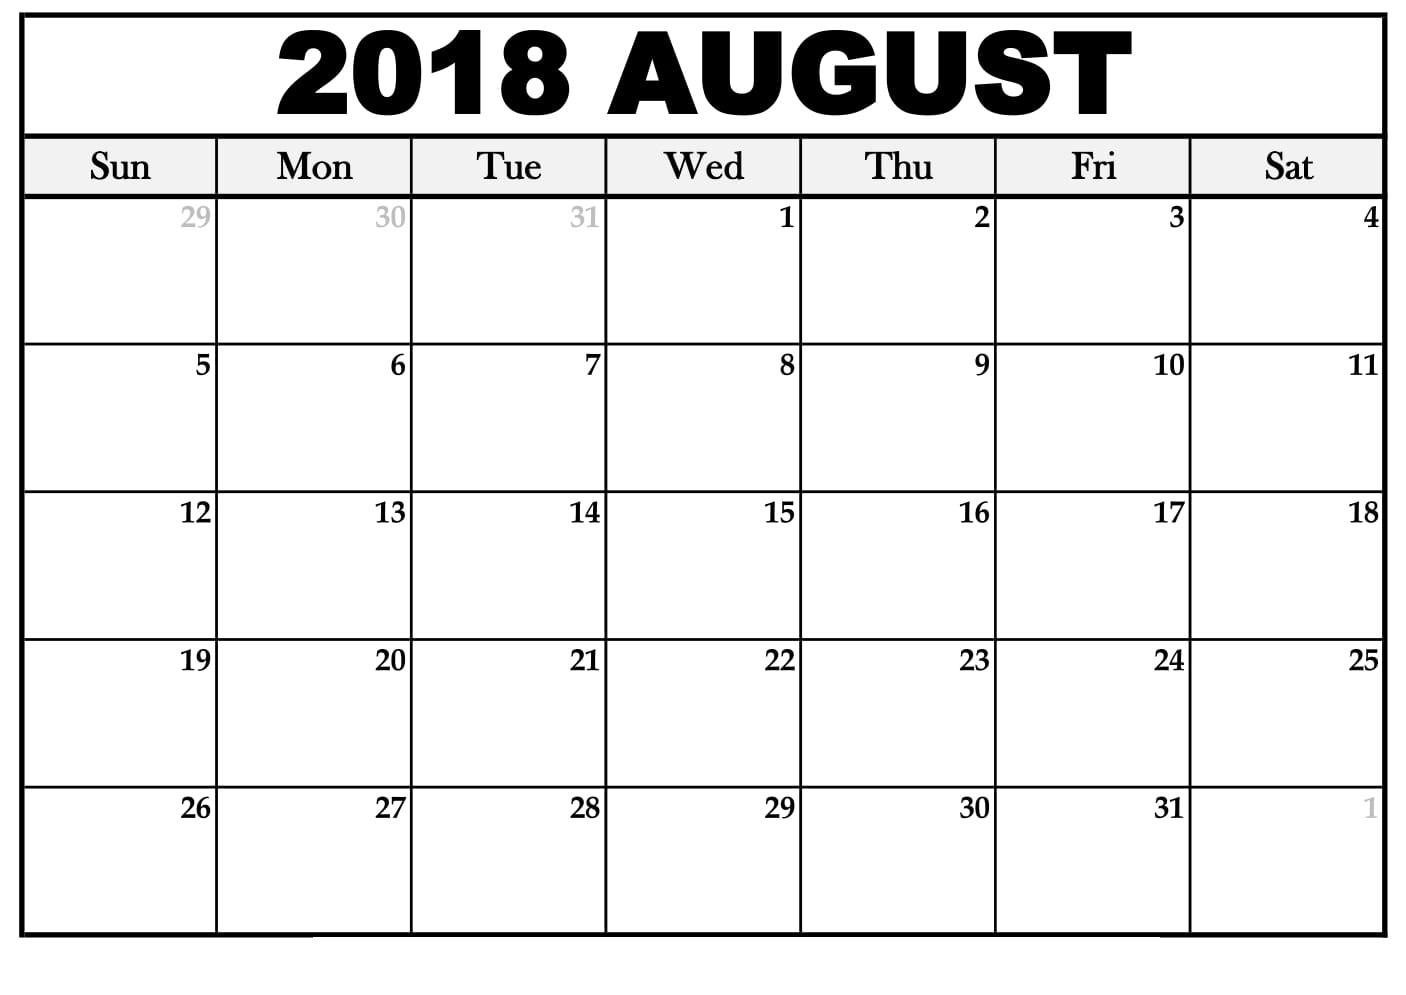 Blank Calendar August 2018 Printable Pdf, Word, Excel Template with August Calendar Template Printable